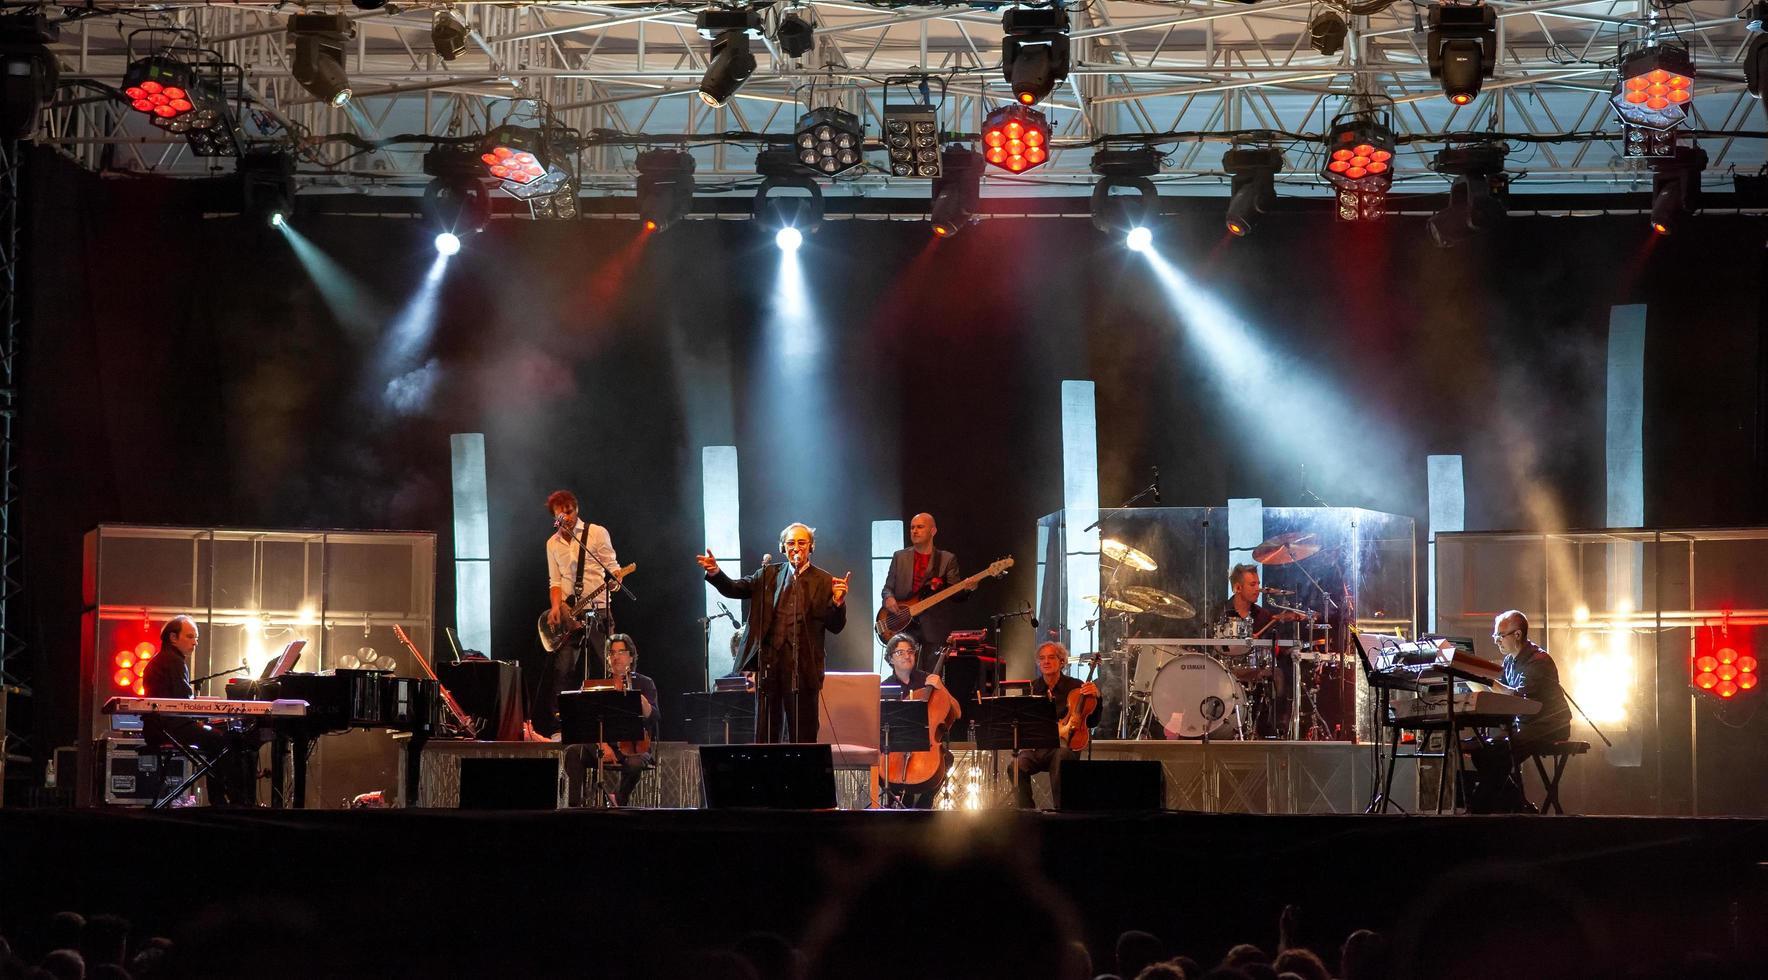 monza, italia, 2021 - concerto rock dal vivo di franco battiato foto